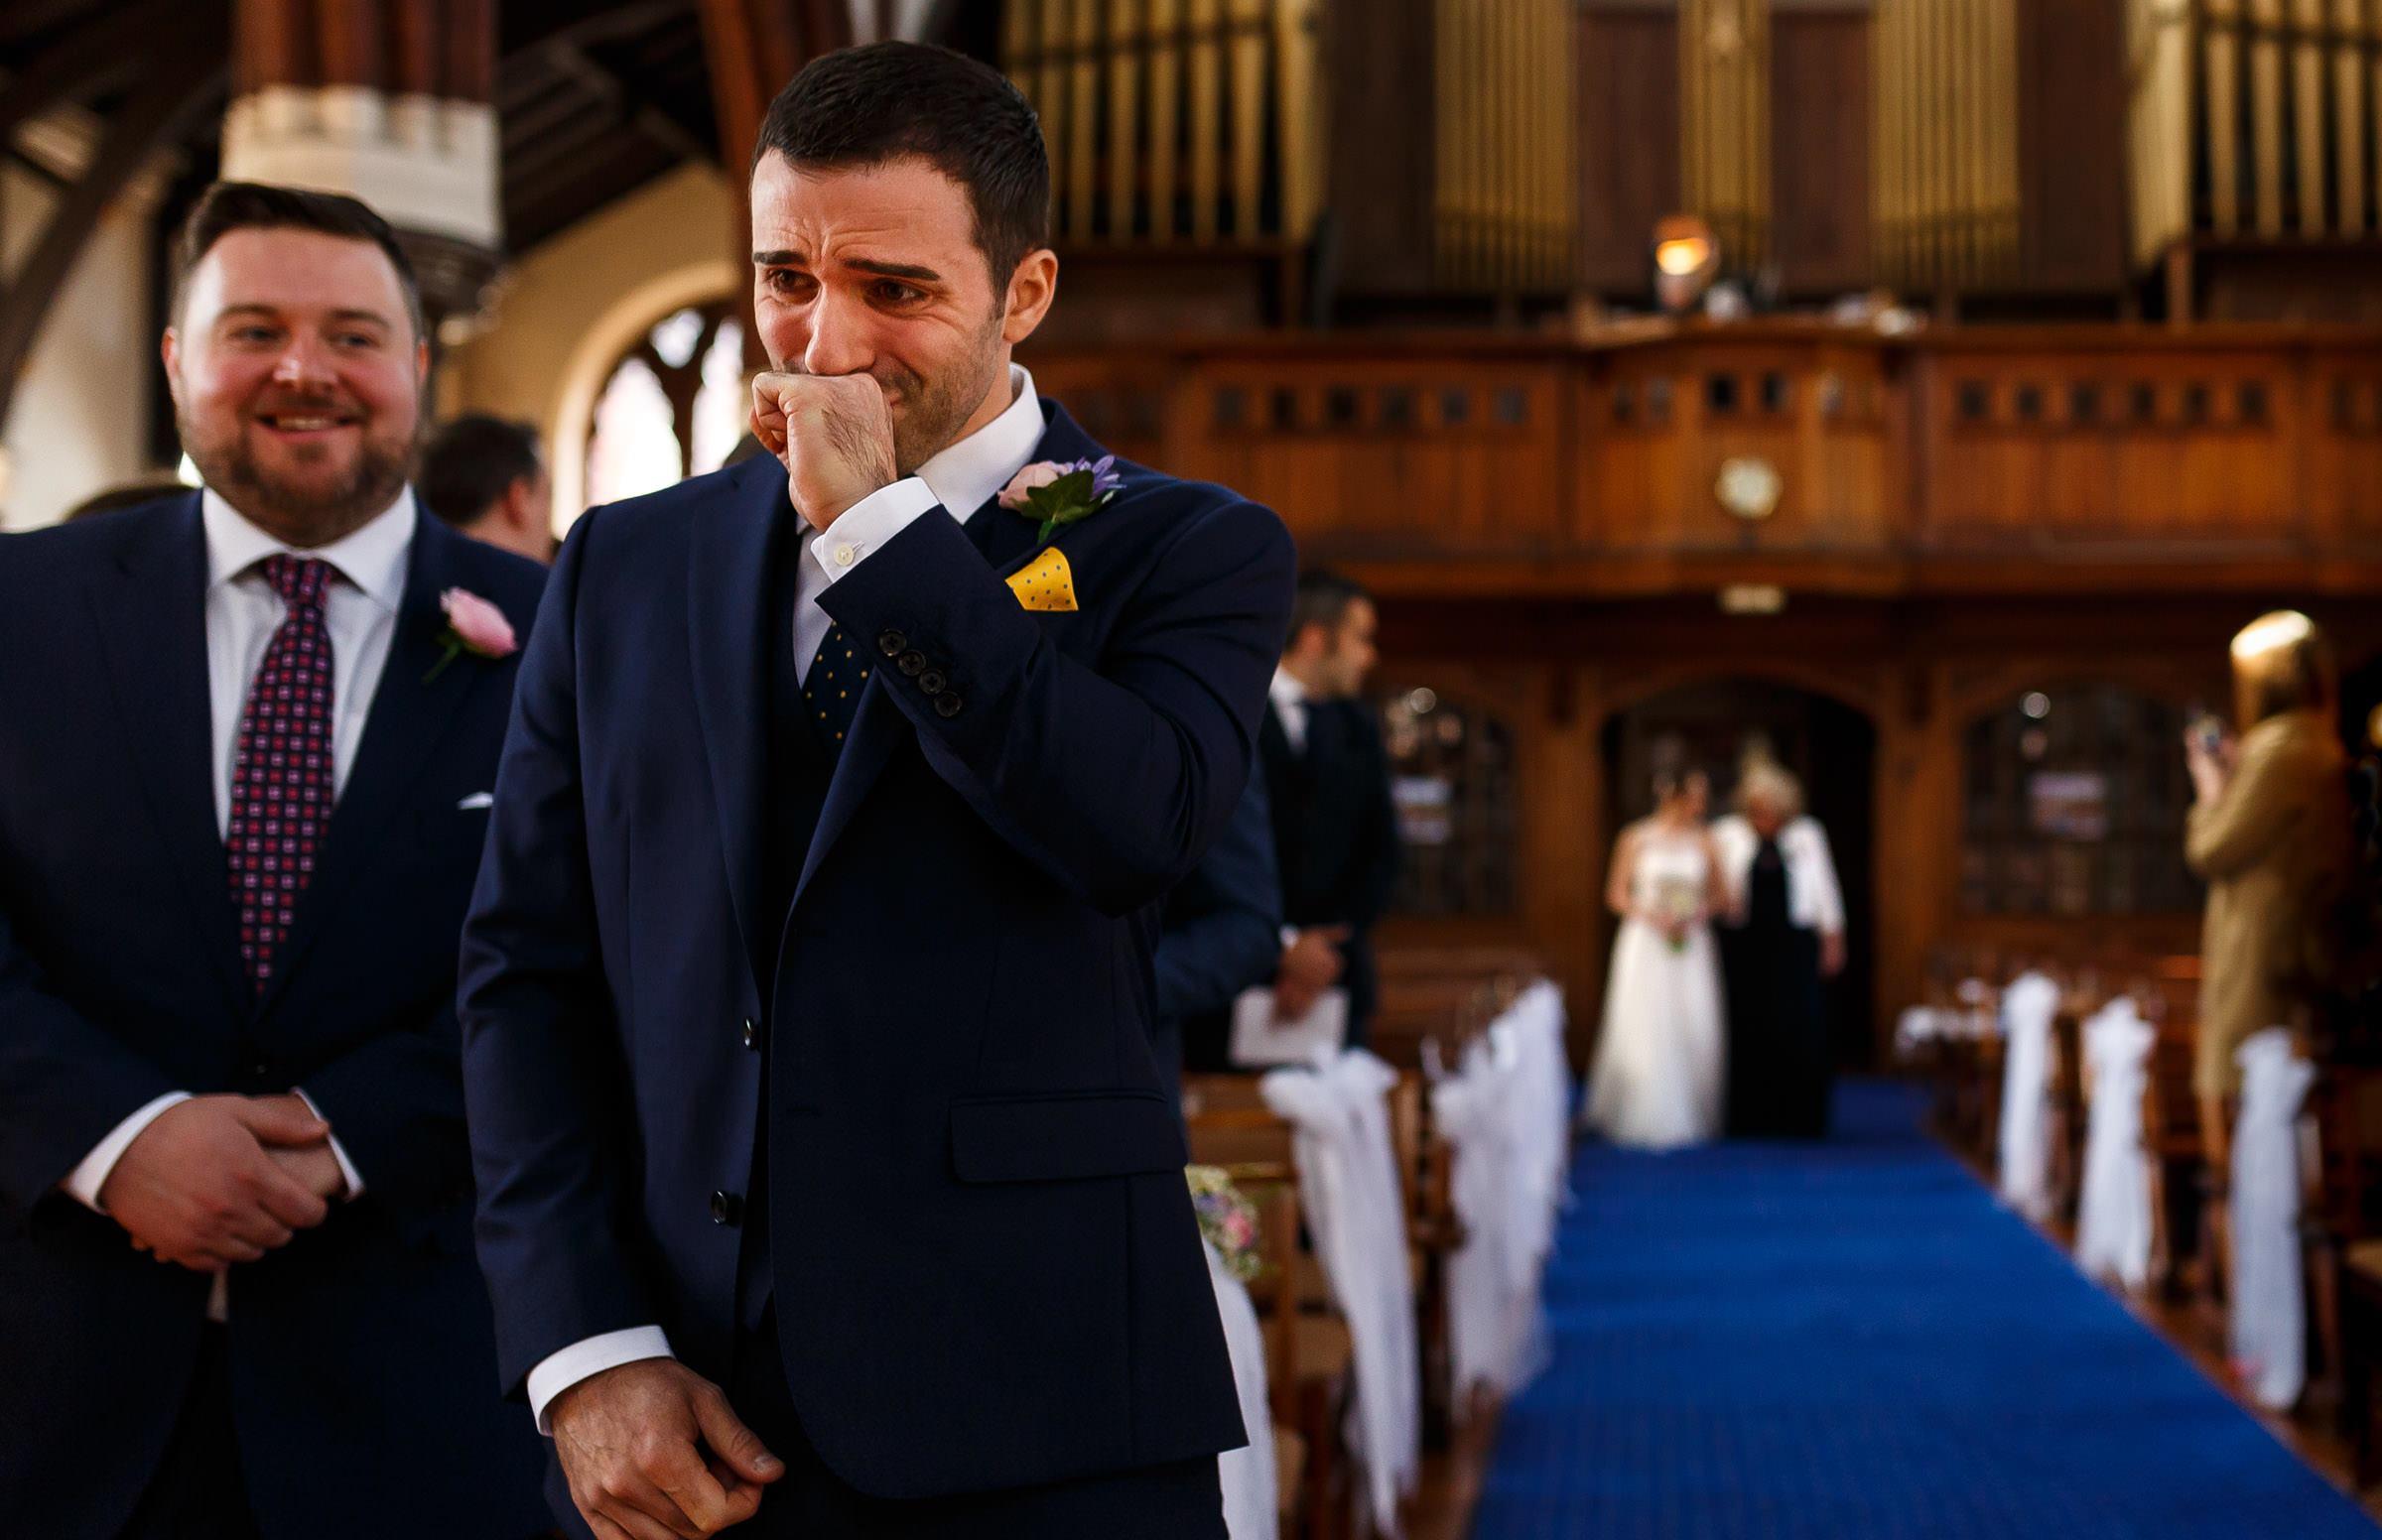 O noivo também deve ajudar a planejar o grande dia: confira nossas dicas!